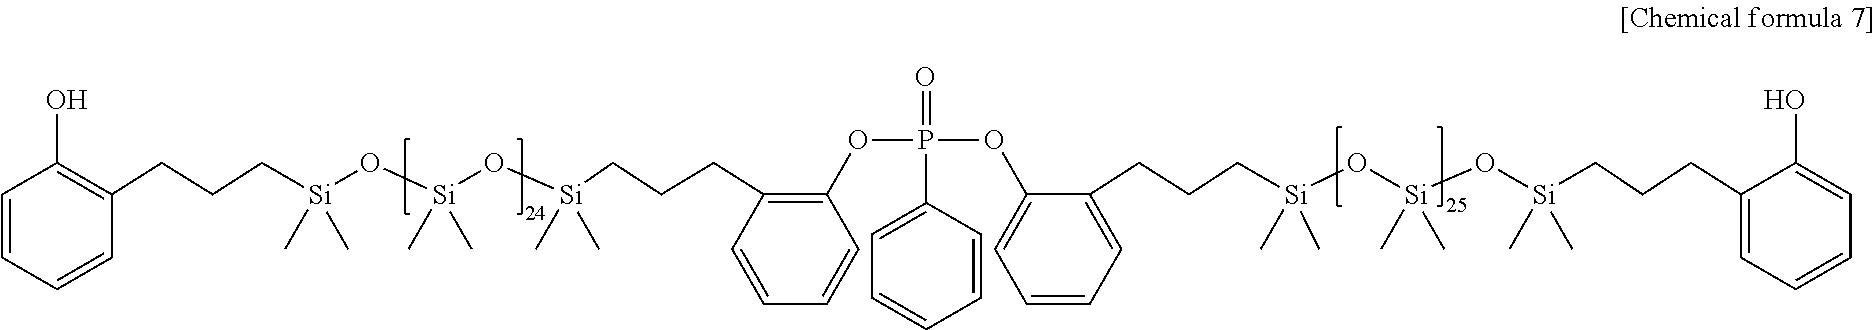 Figure US20160122477A1-20160505-C00016